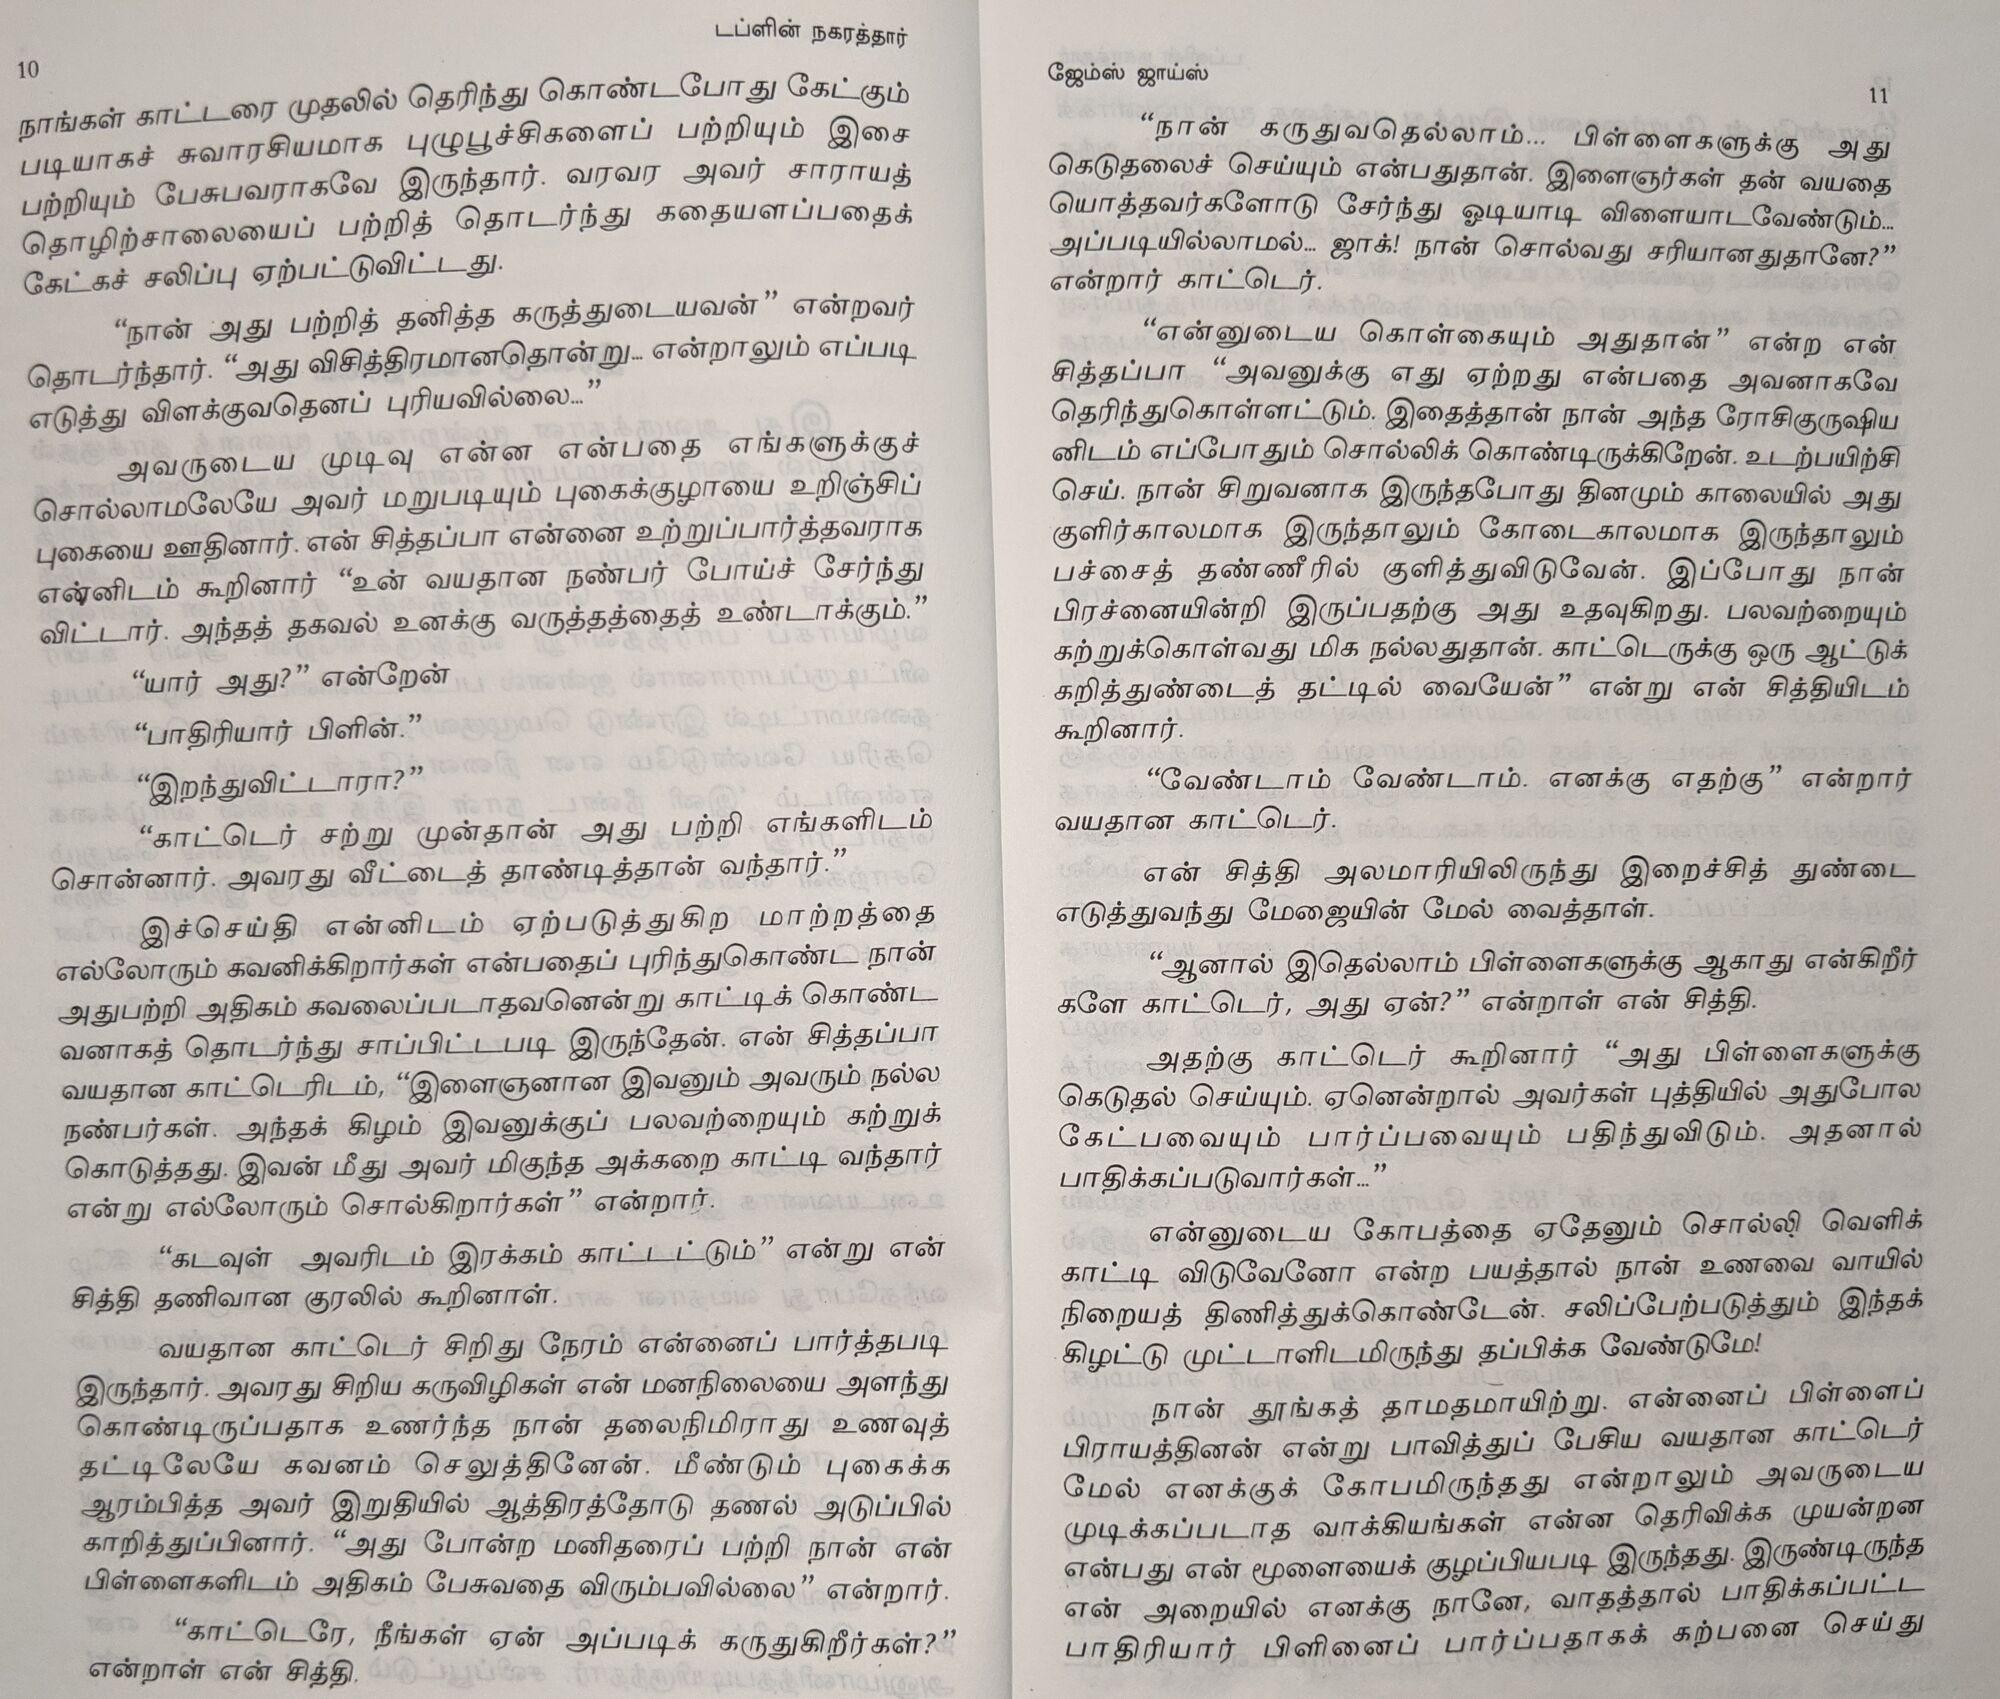 டப்ளின் நகரத்தார் - திரு க.ரத்னம் - பக்கம் 2 & 3